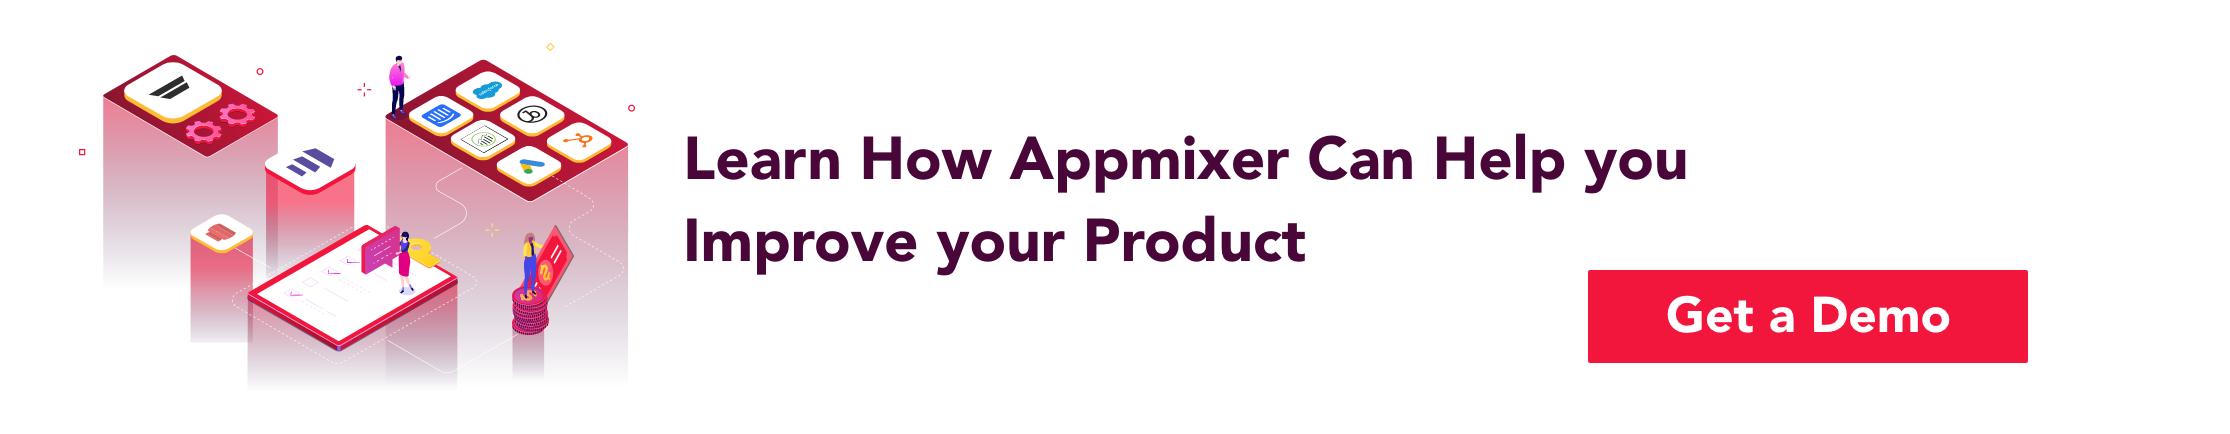 get a demo appmixer